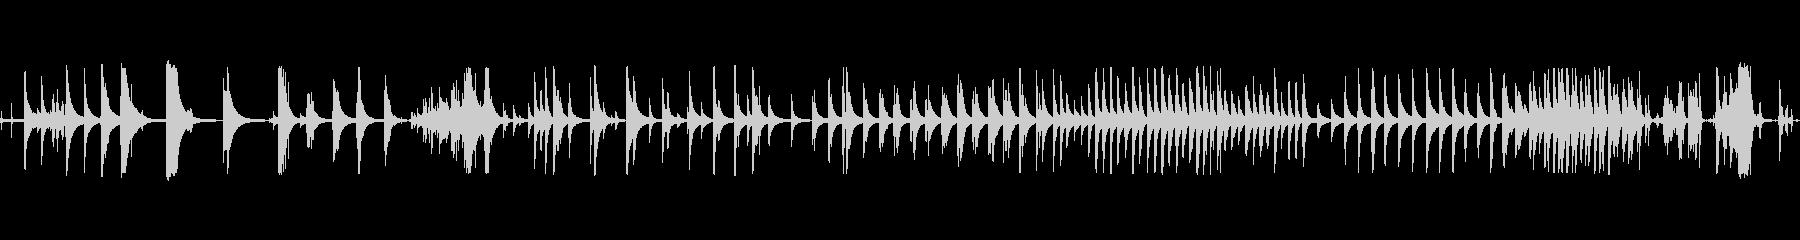 ベルテンプルリングマルチBの未再生の波形